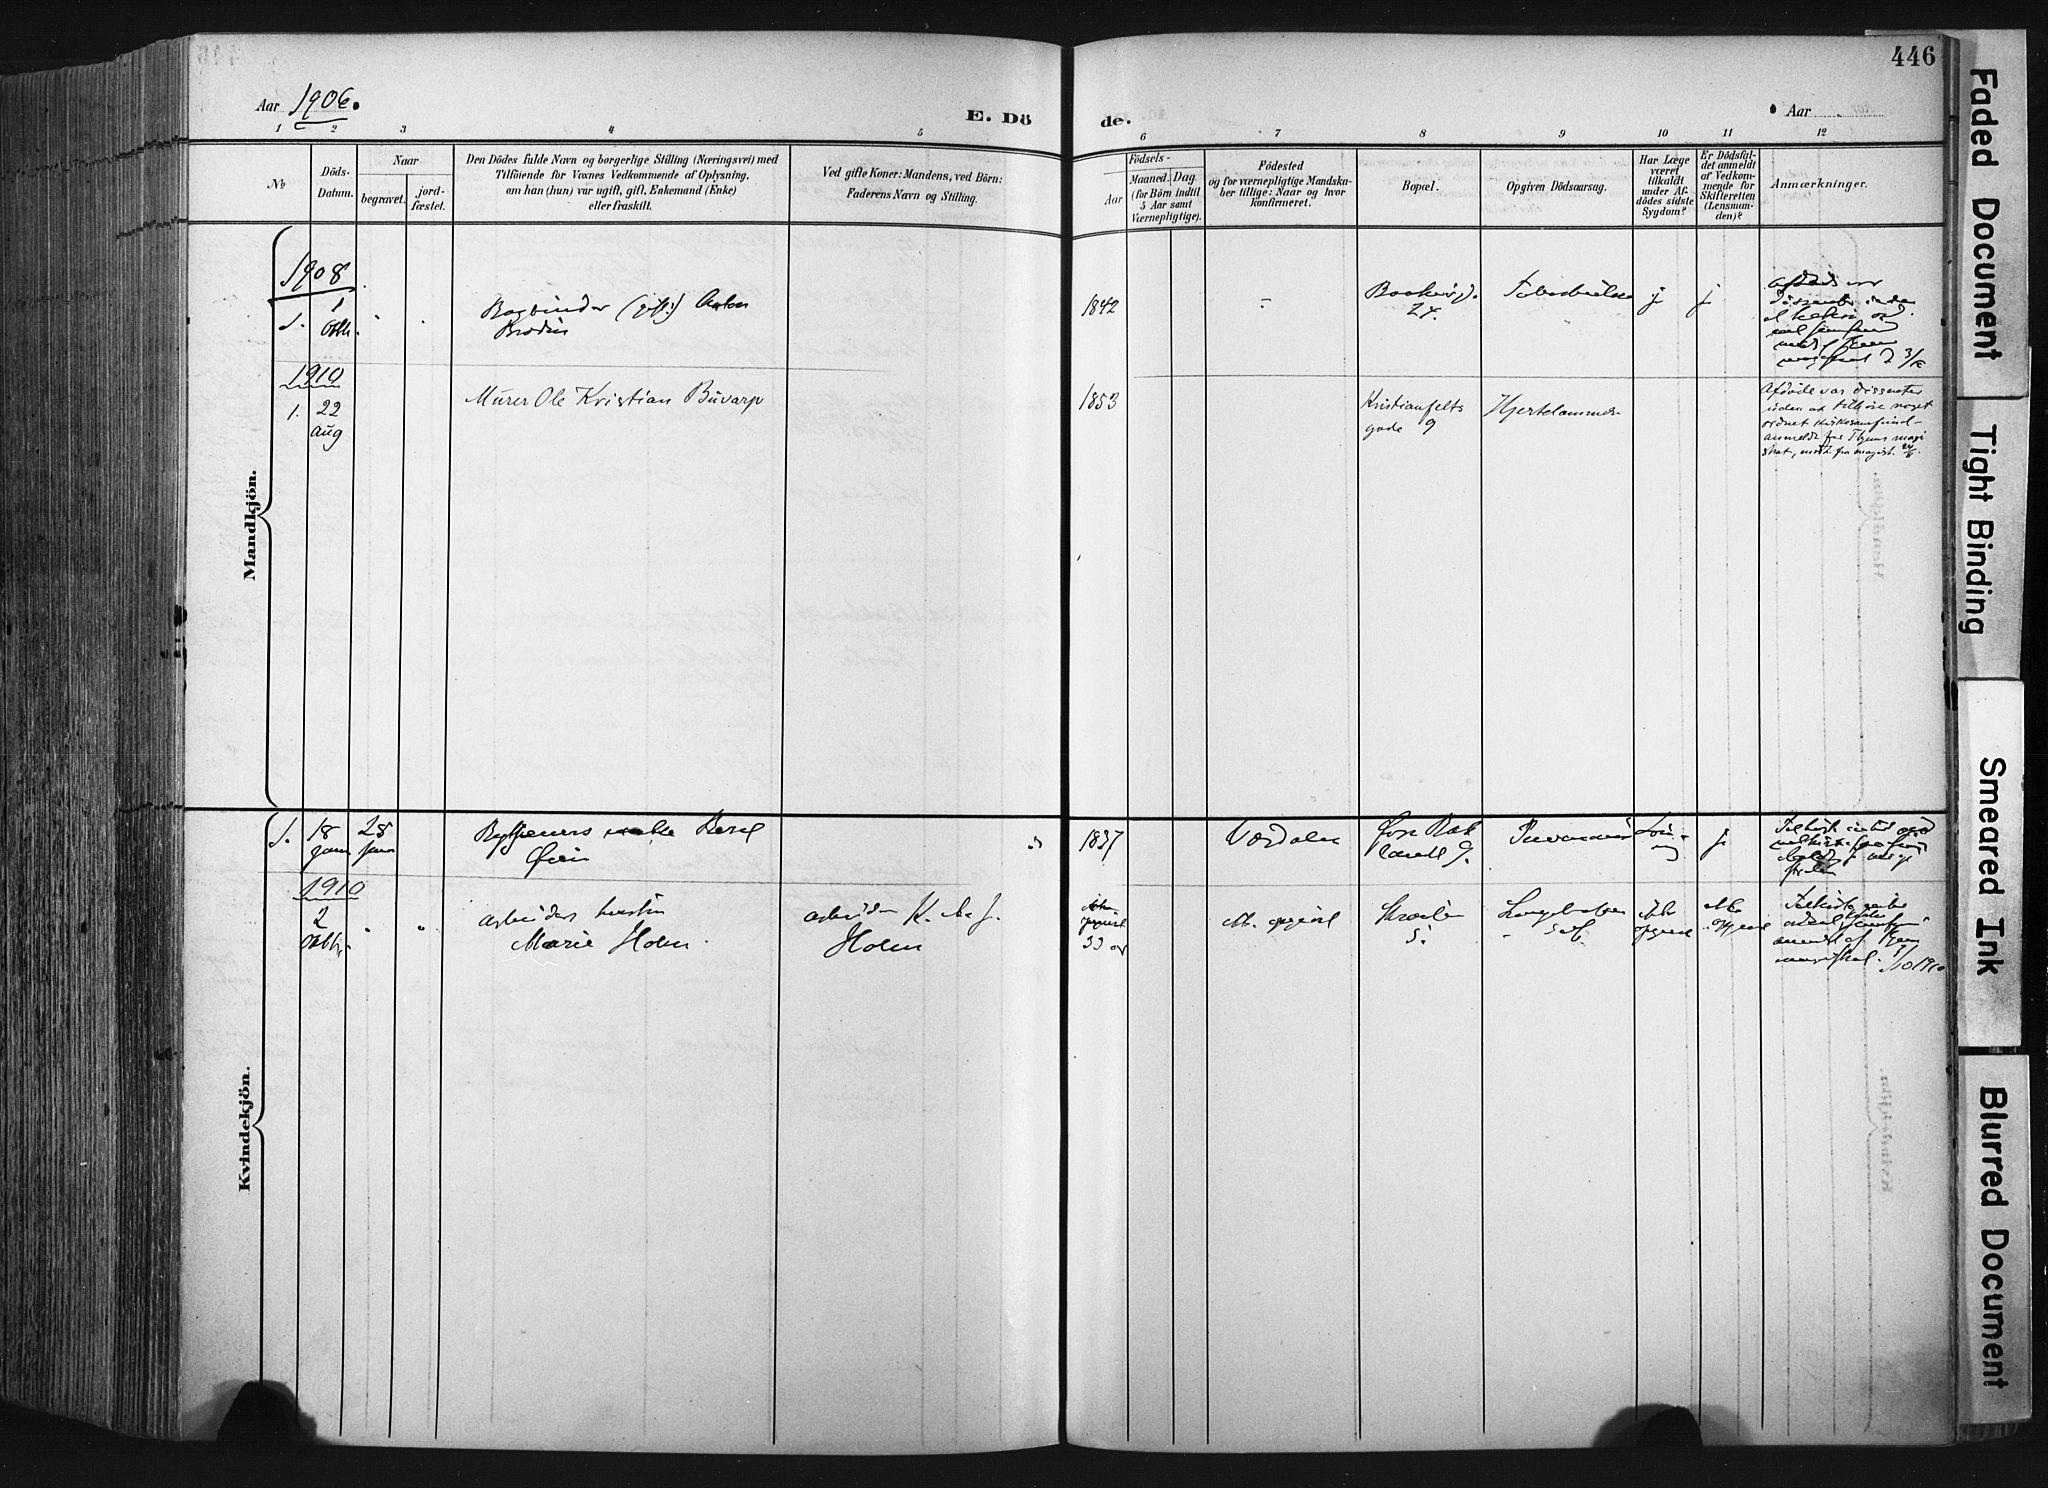 SAT, Ministerialprotokoller, klokkerbøker og fødselsregistre - Sør-Trøndelag, 604/L0201: Ministerialbok nr. 604A21, 1901-1911, s. 446